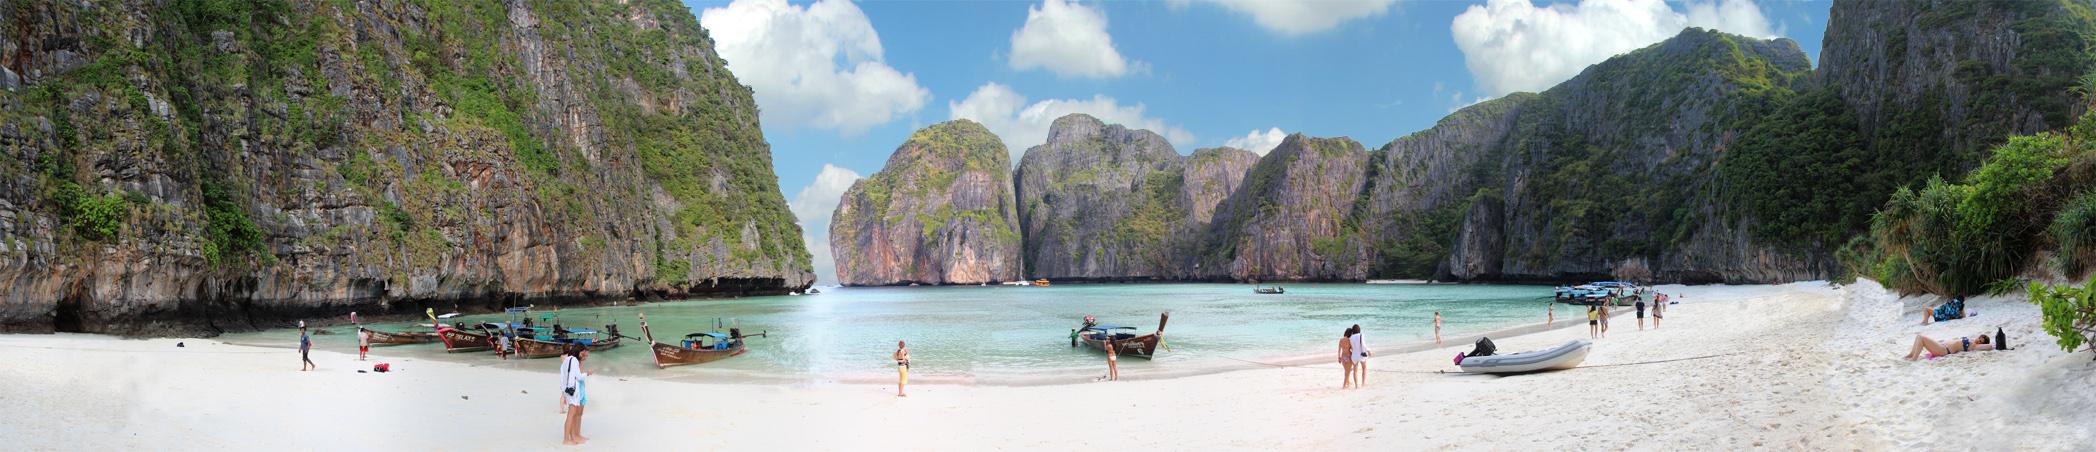 Ko Phi Phi Leh - Maya Bay